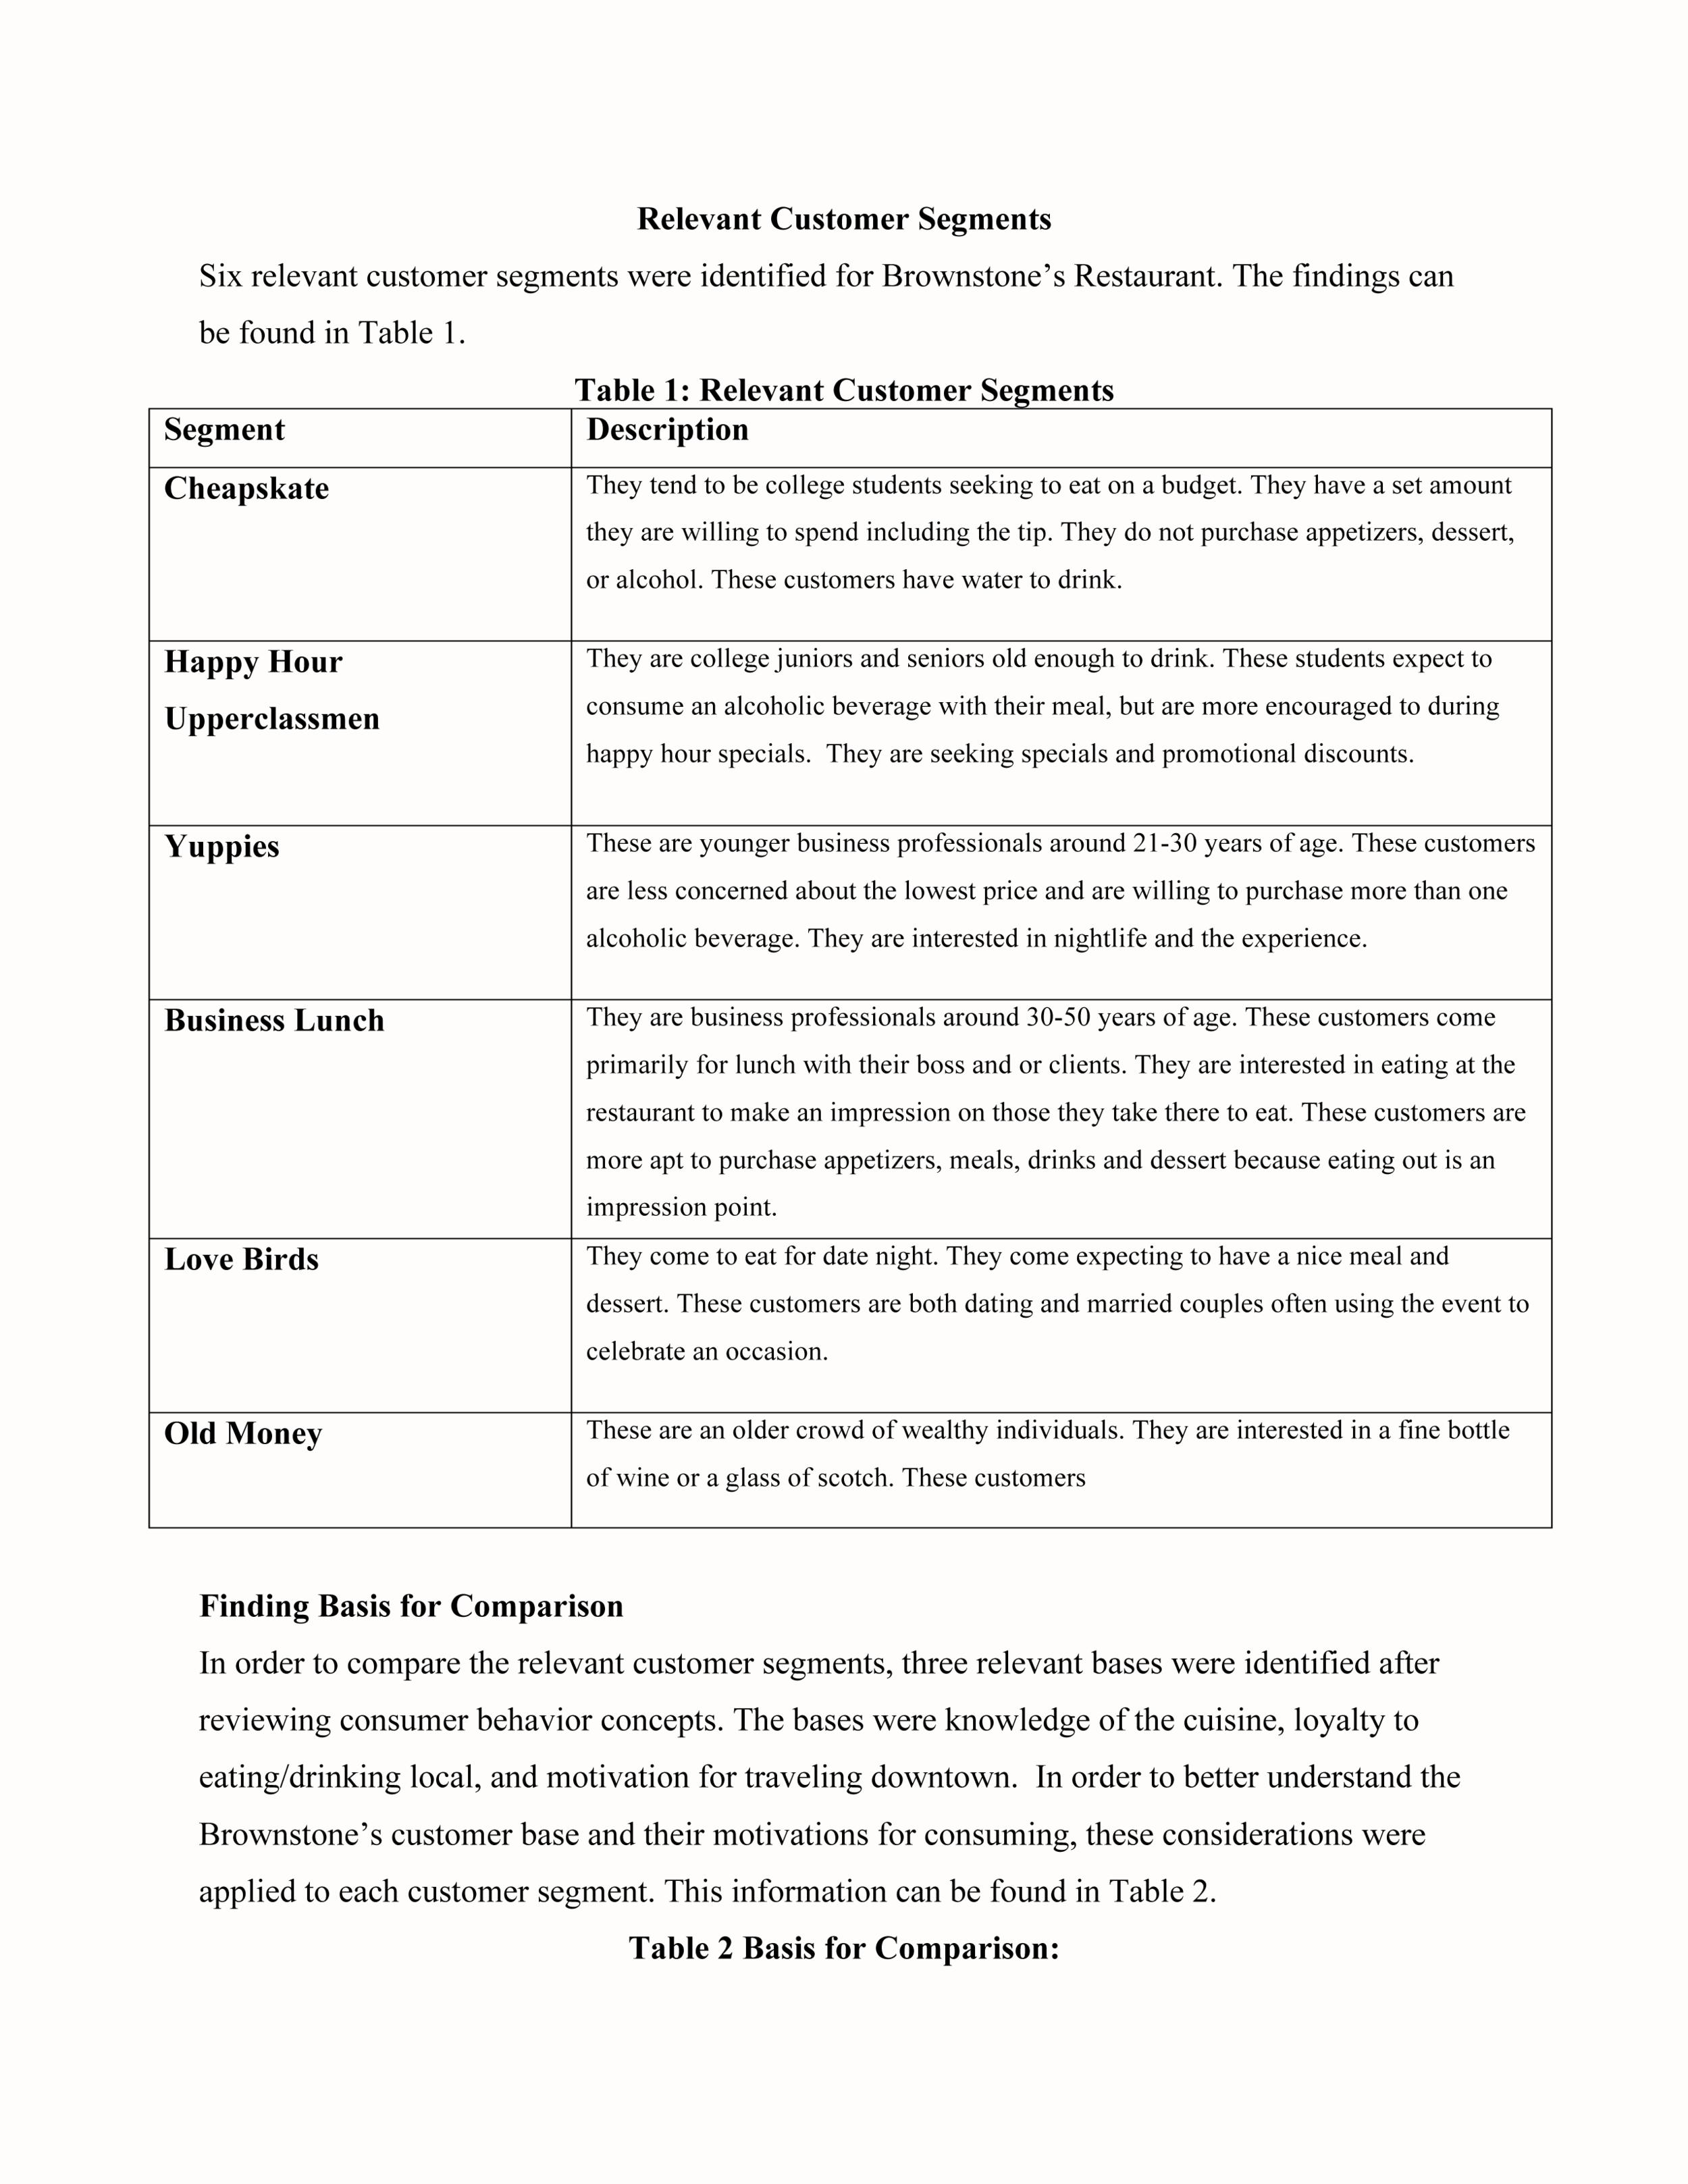 RelevantCustomerSegments-1.png